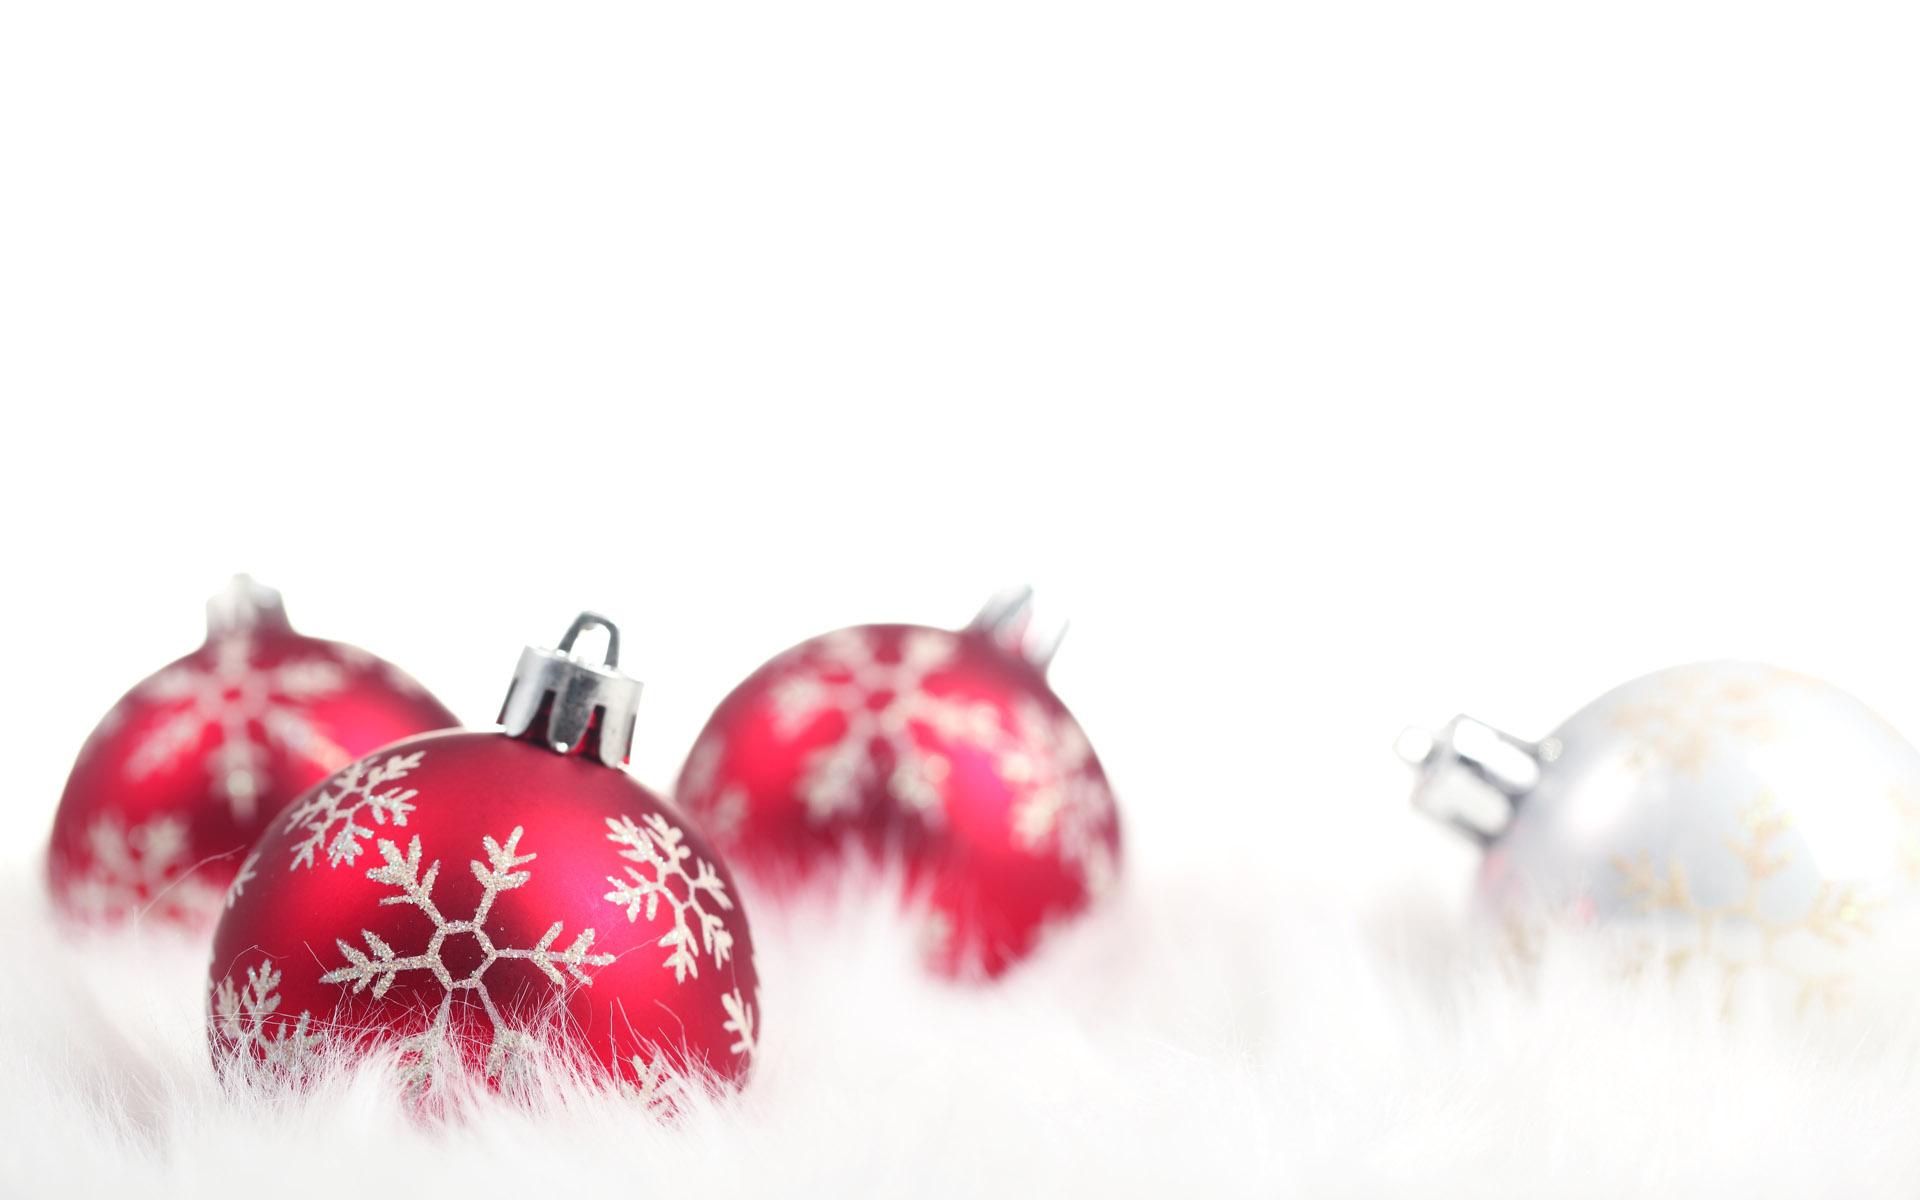 Christmas ball 27755 - Christmas - Festival